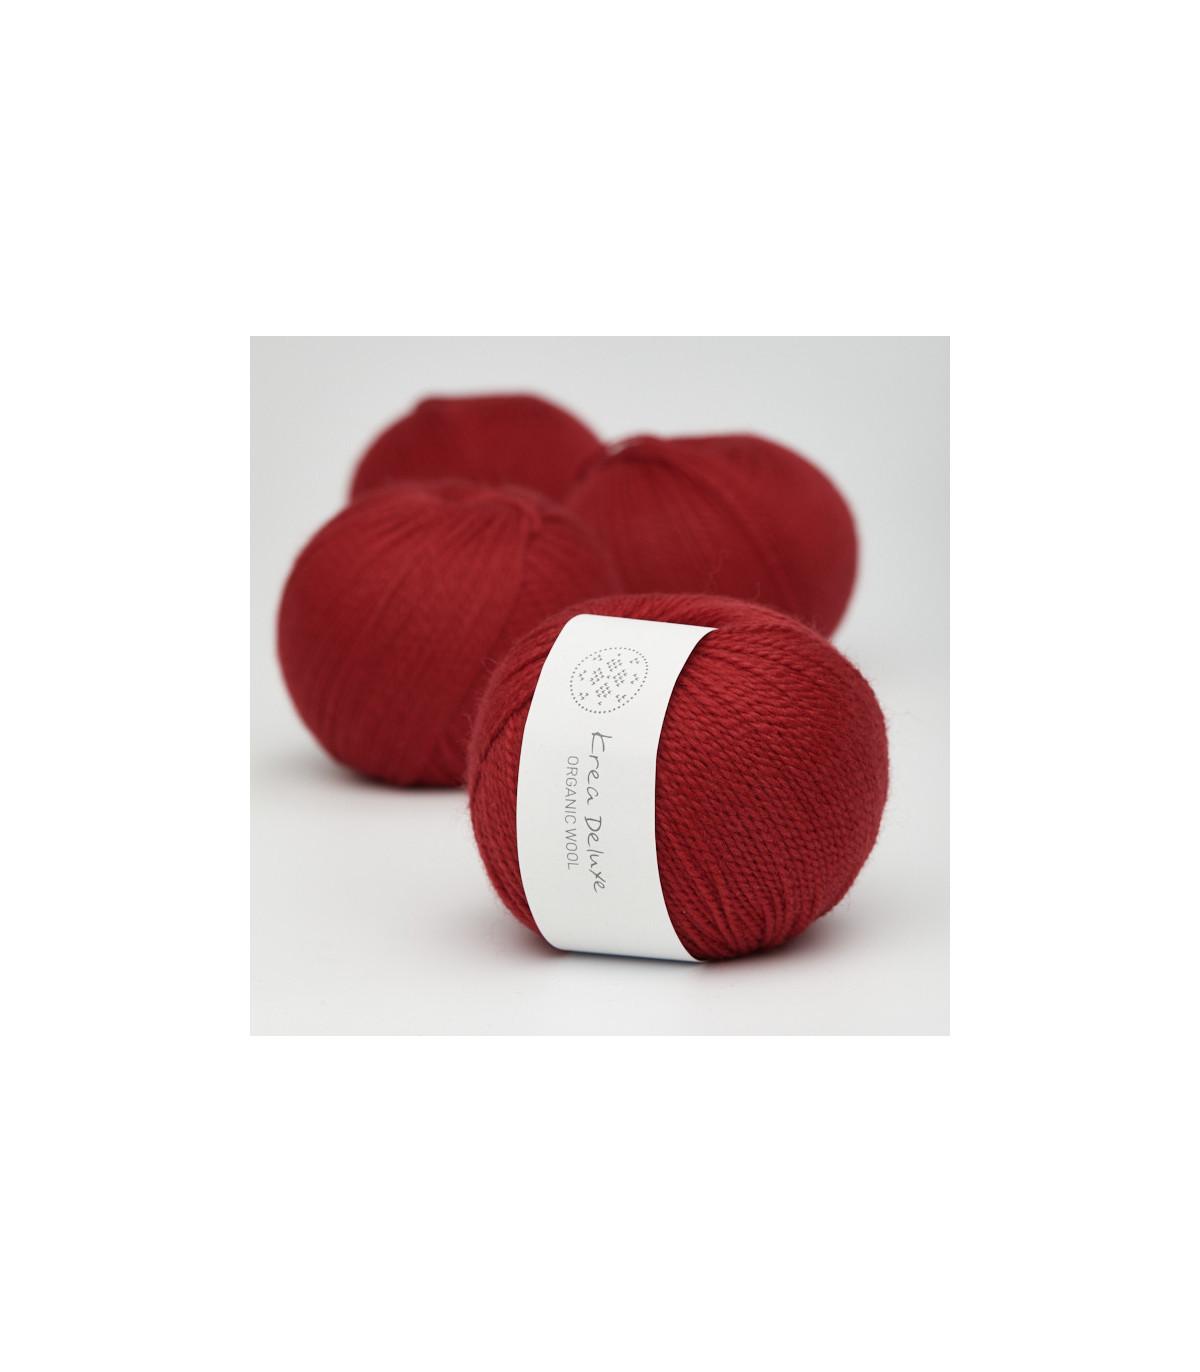 Wool 1 (Neu) - Krea Deluxe in der Farbe W 35 Rot